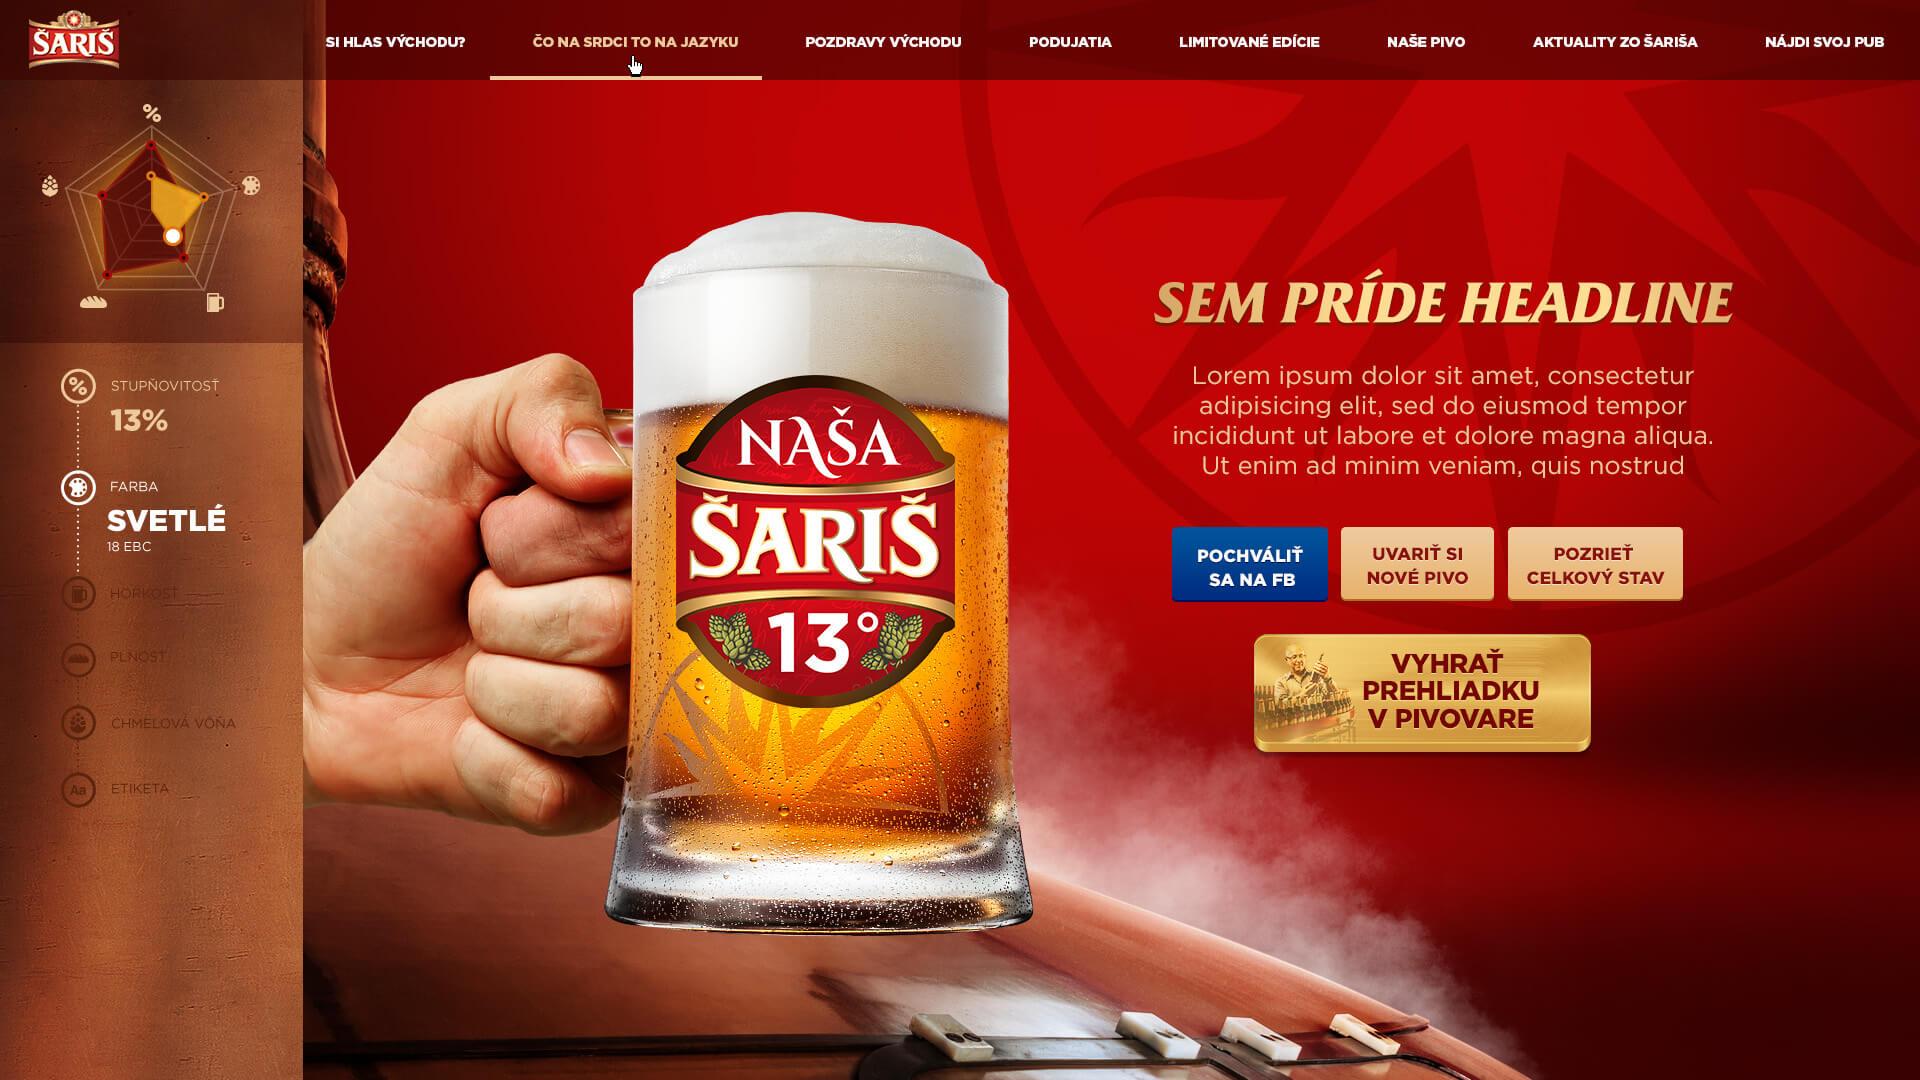 11 nazov piva1